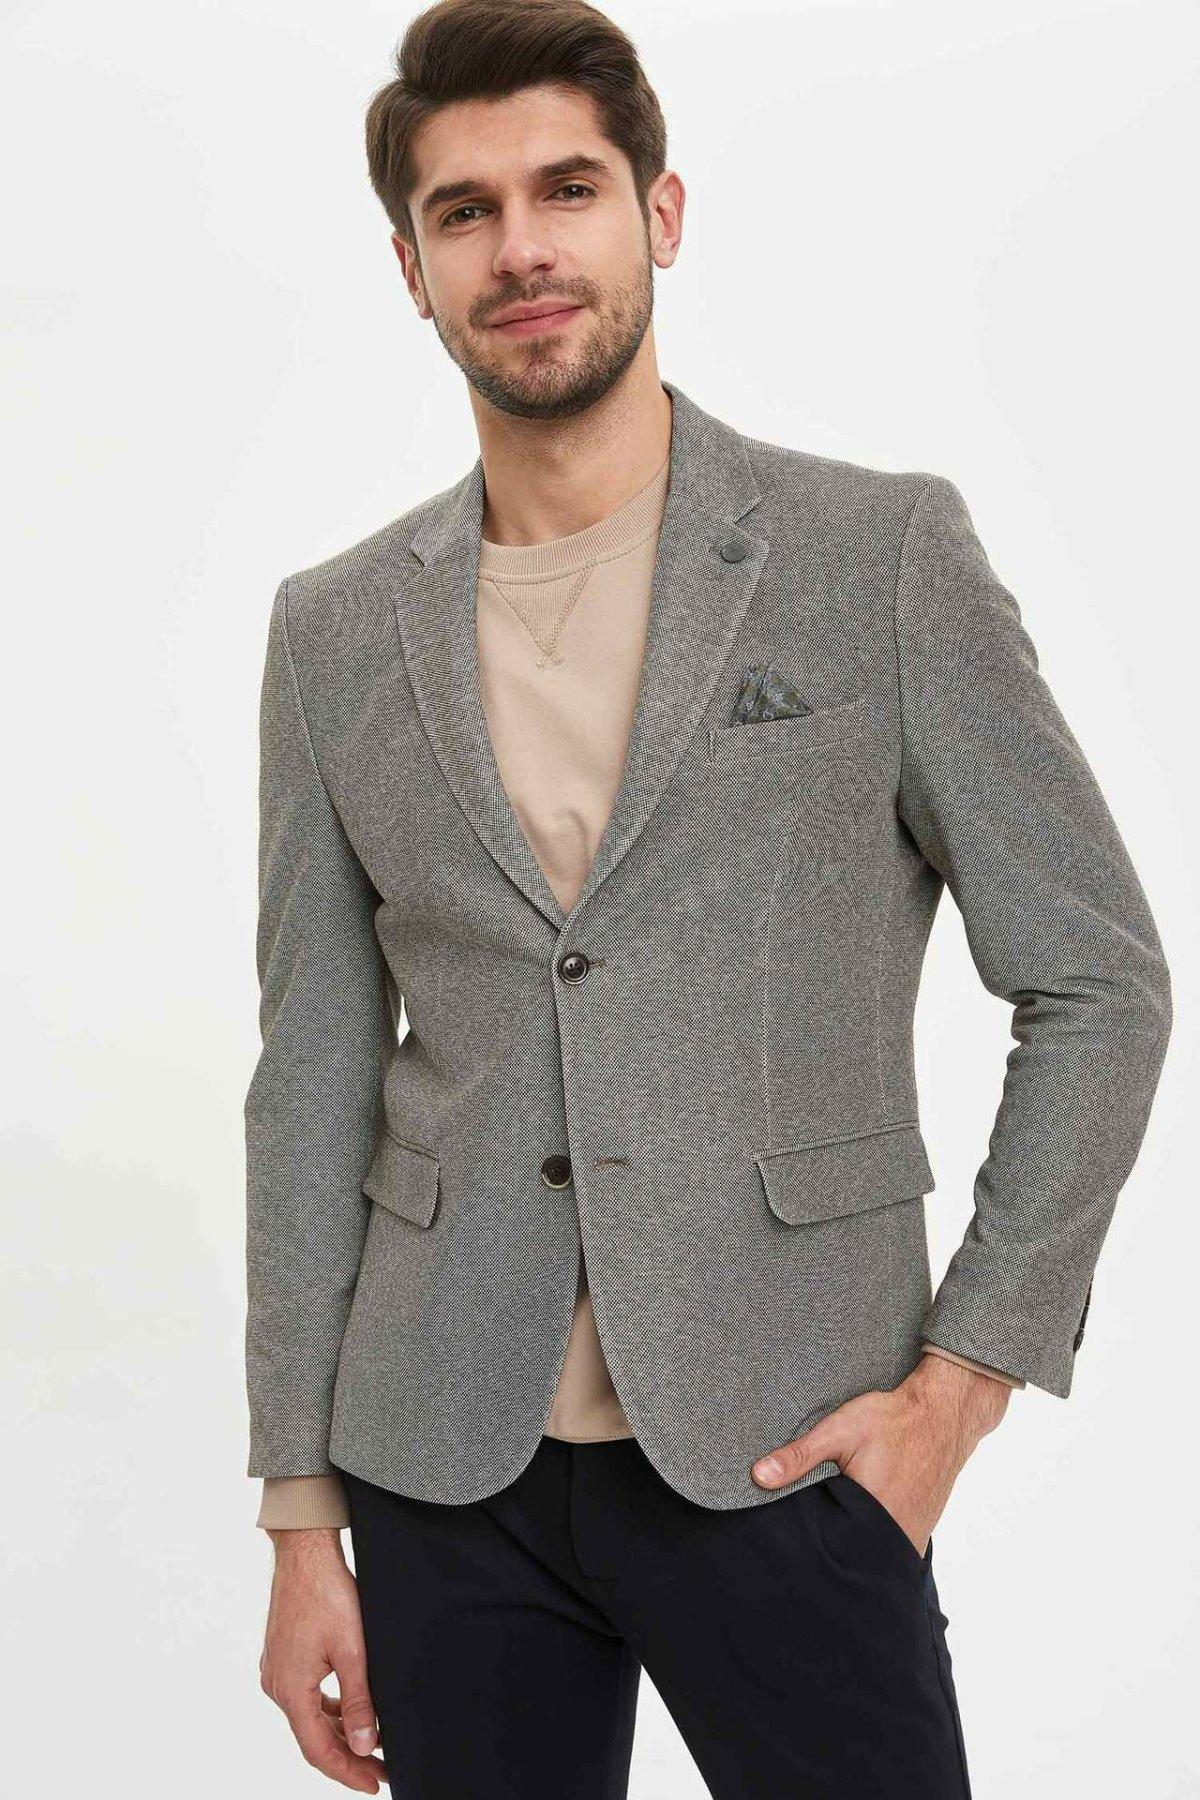 DeFacto Man's Spring Blazer Men's Smart Casual Blazer Coats Men's Solid Color Blazer Suits Business Suit-N0504AZ20SP